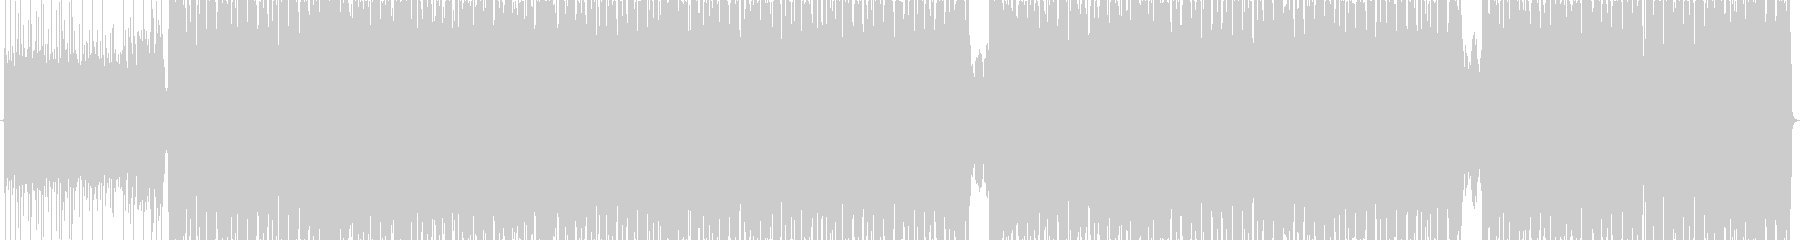 激しく疾走感あるデジタルロックの未再生の波形